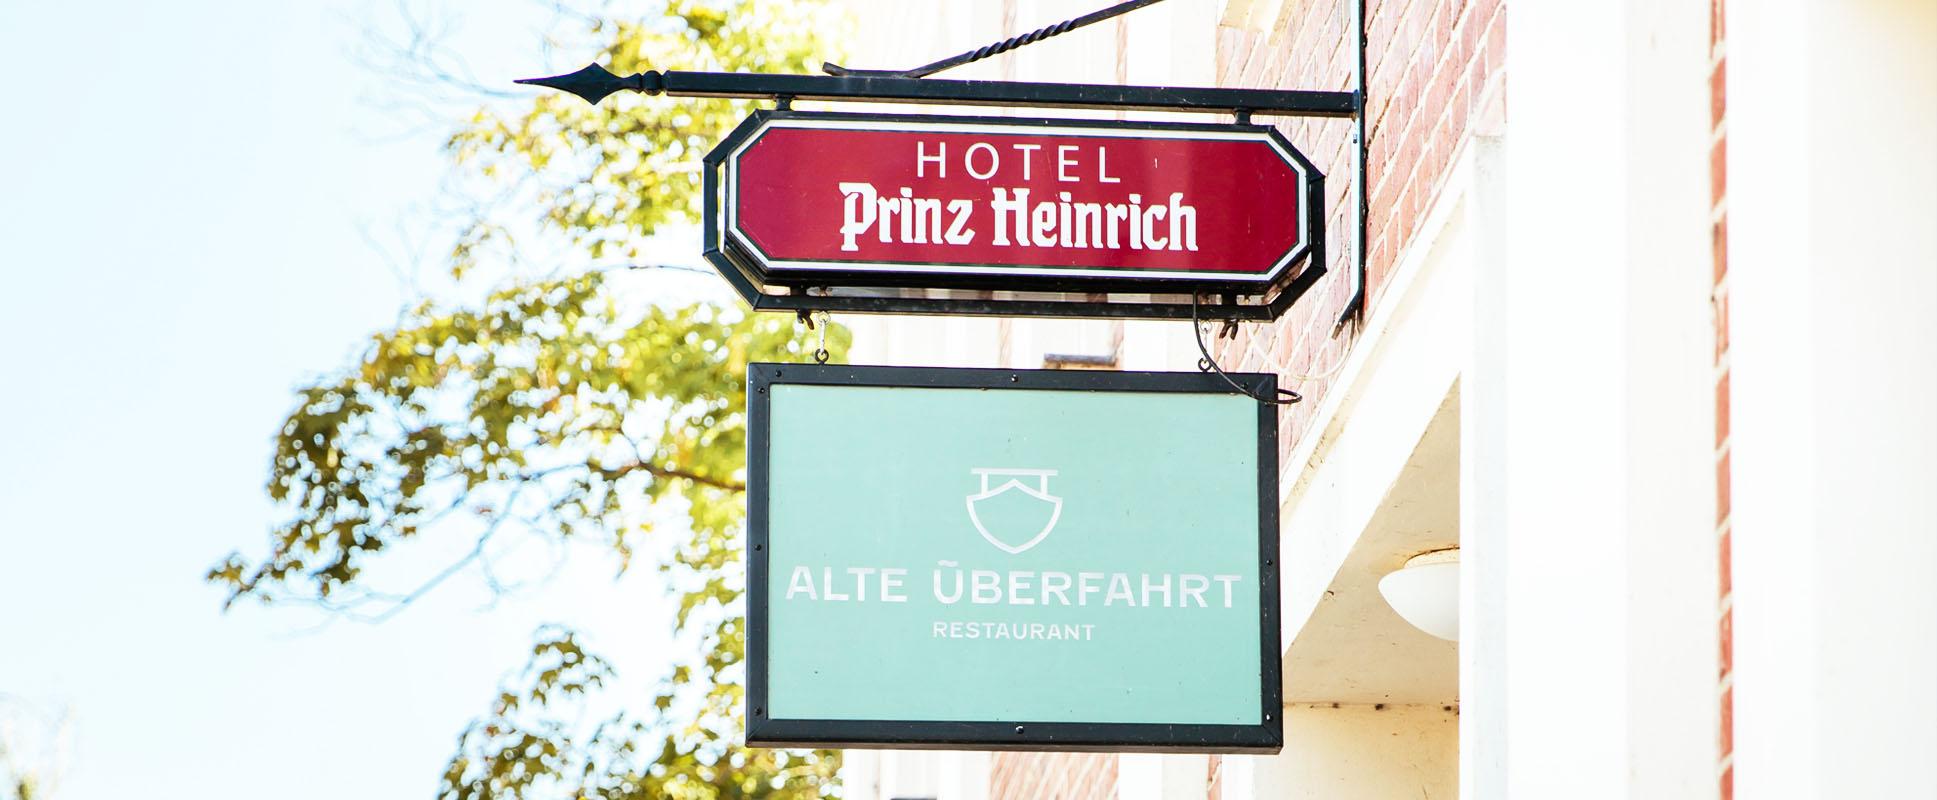 Restaurant-Hotel-Prinz-Heinrich-Werder-Havel